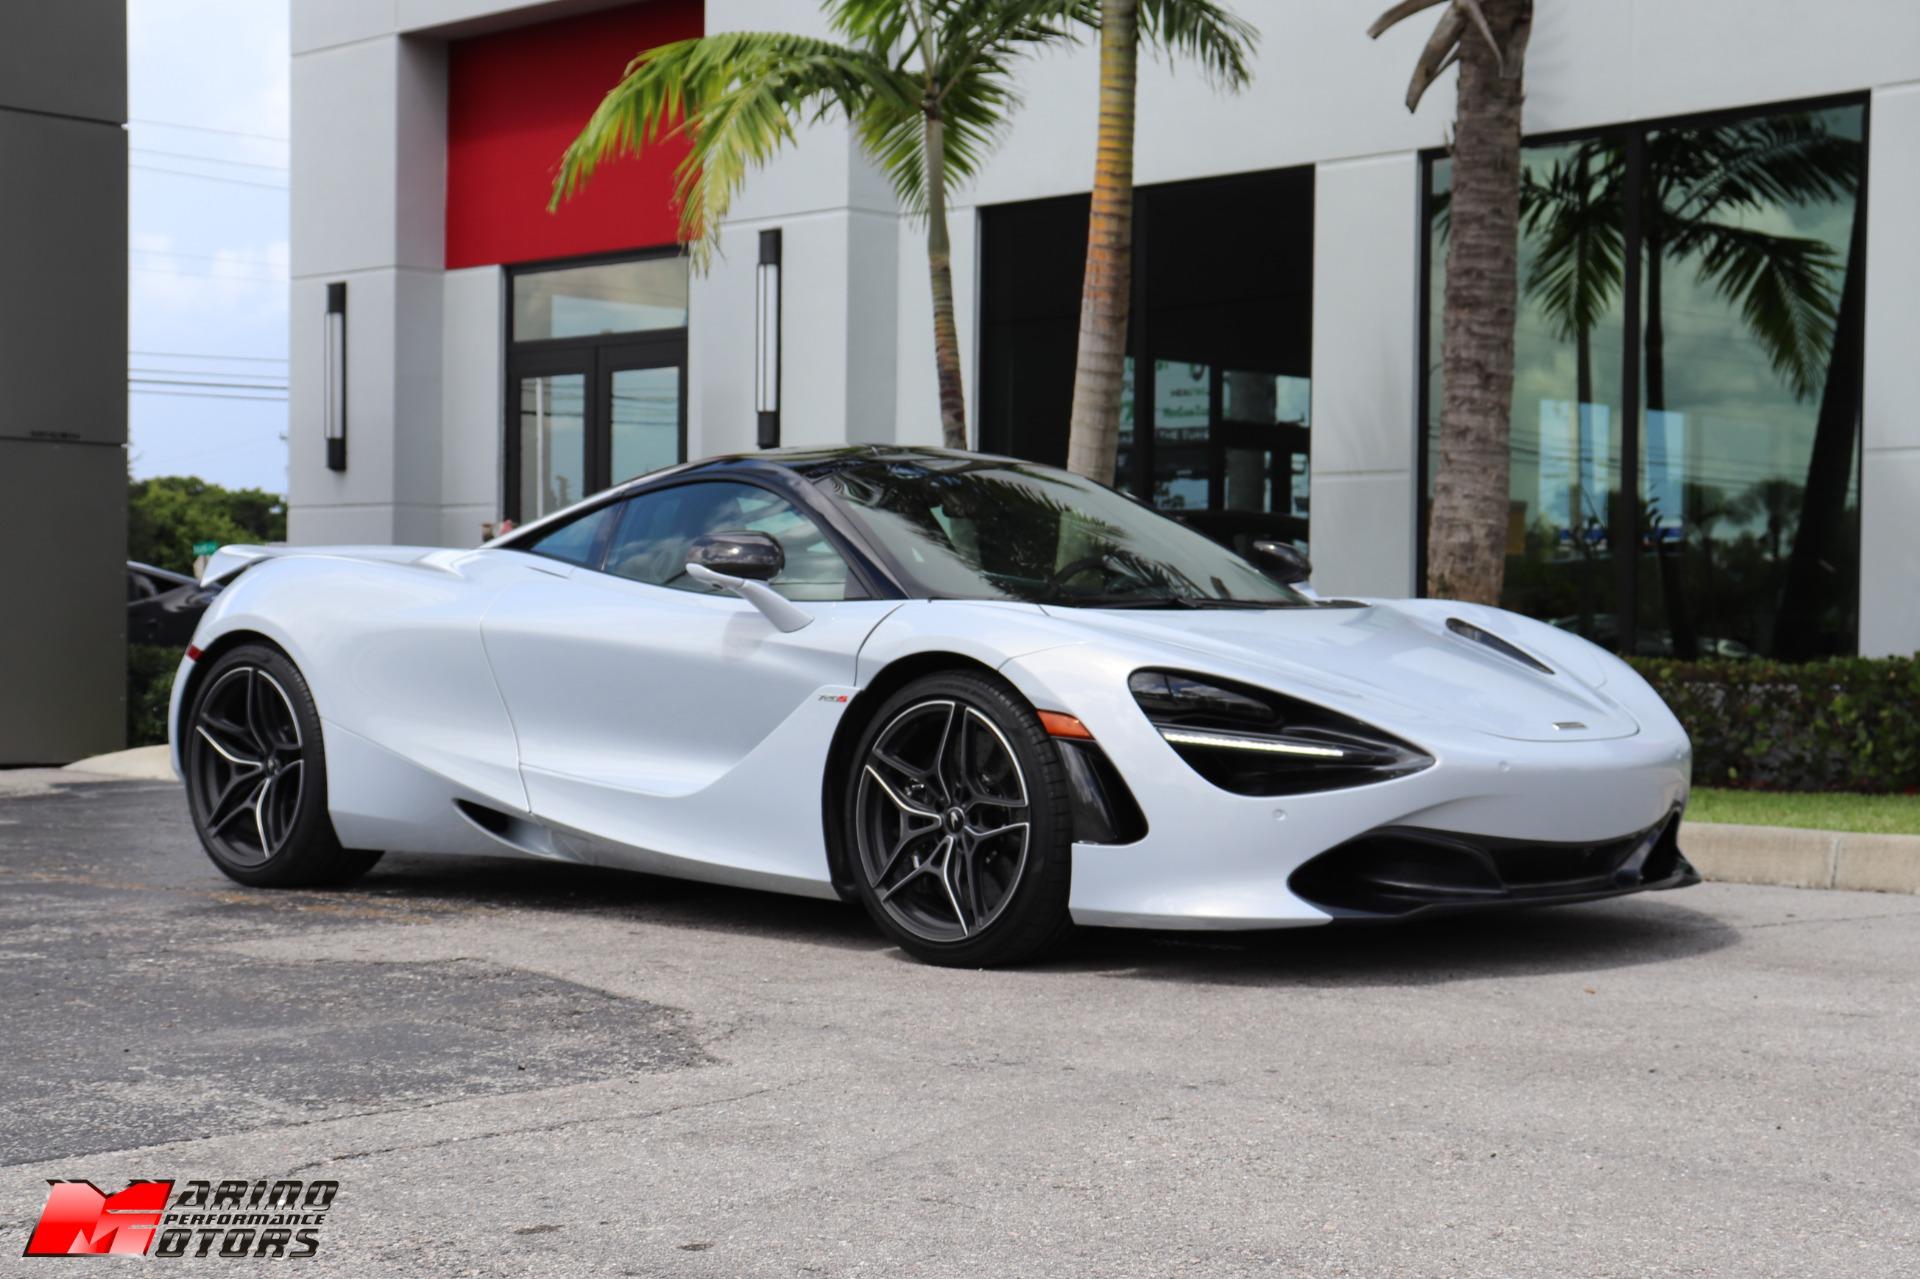 Used-2019-McLaren-720S-Luxury